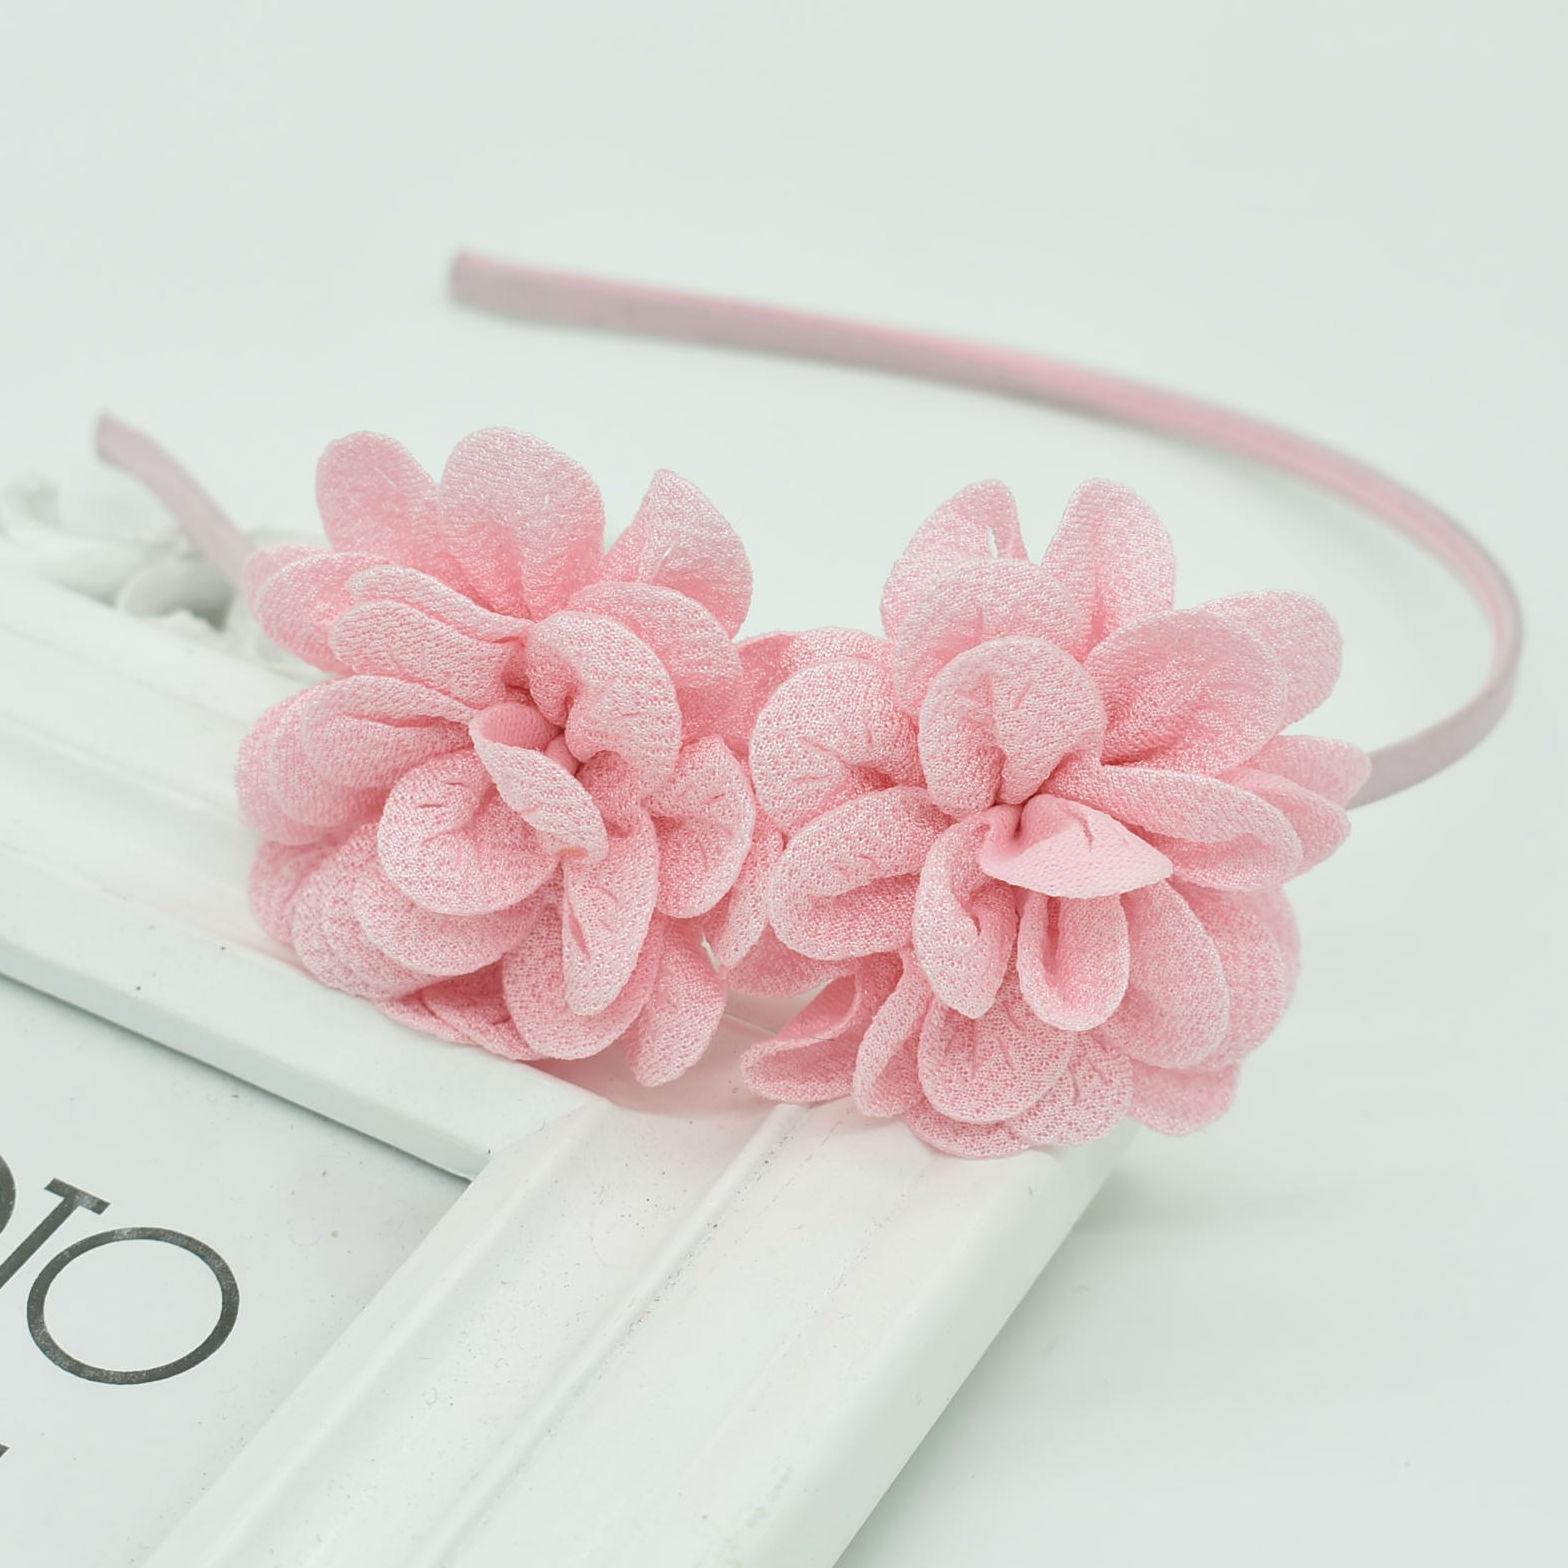 2018 New Popular Children's Two Flower Headband Headdress Girls Multicolor Hair Accessories Flower Hair Band Female Pop Gift